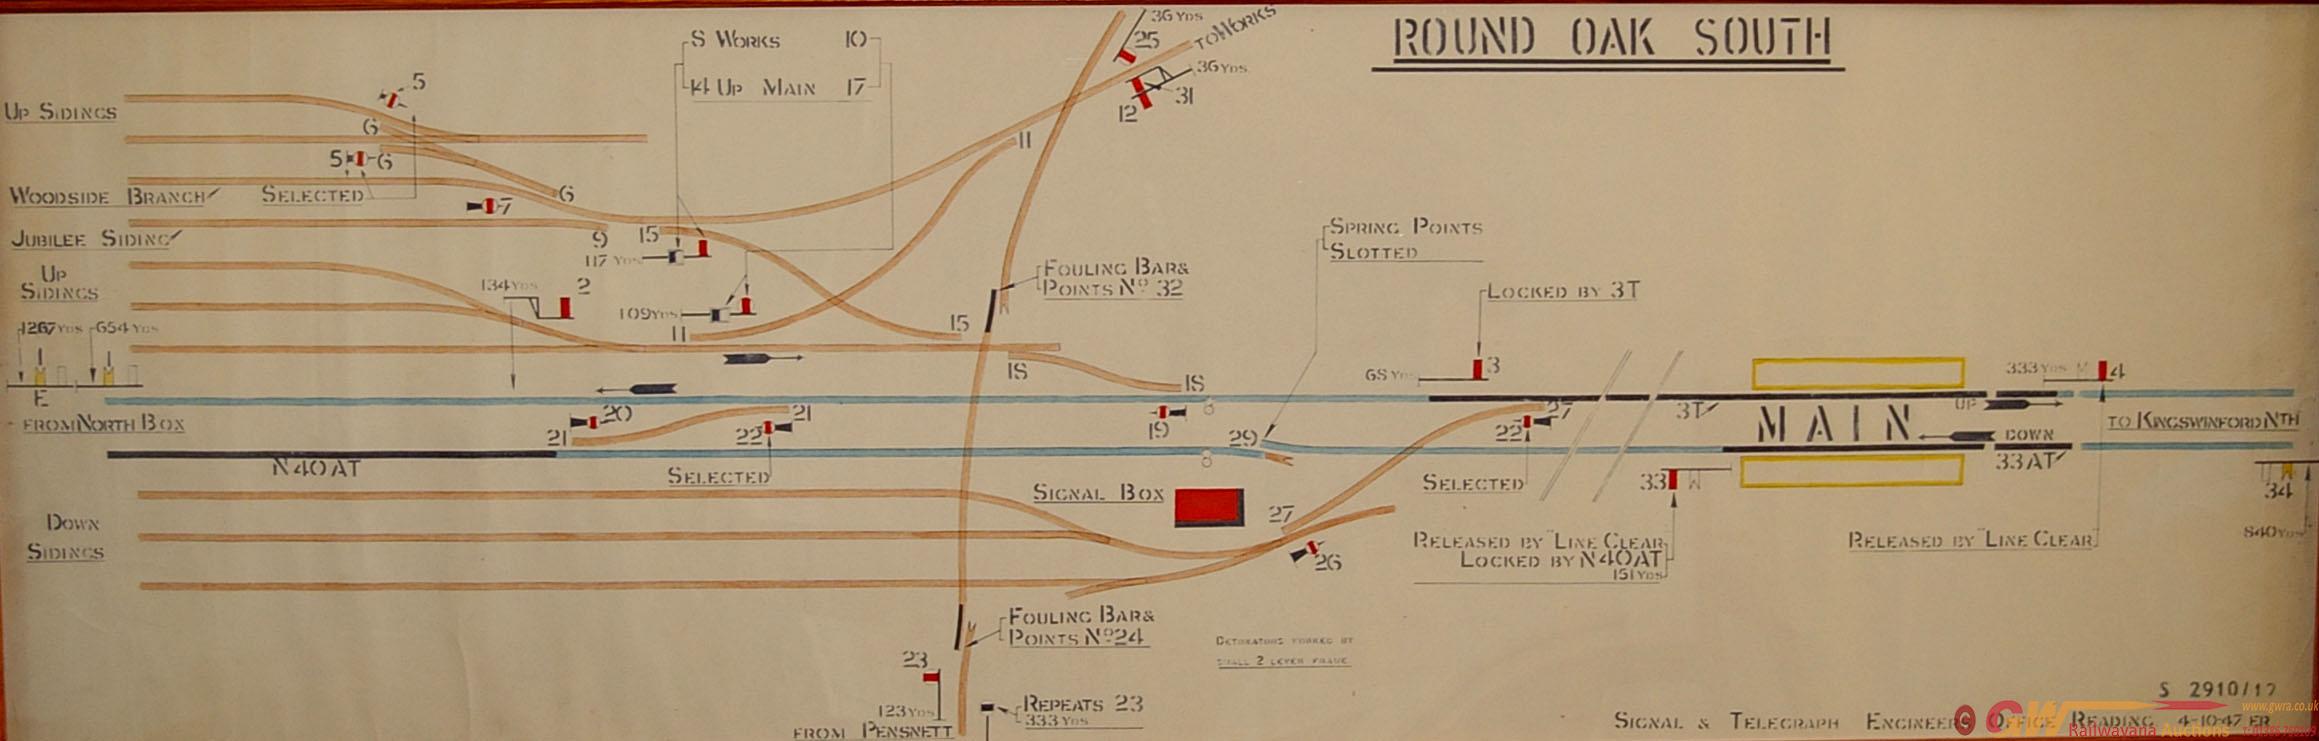 Signal Box Diagram ROUND OAK SOUTH. A Truly